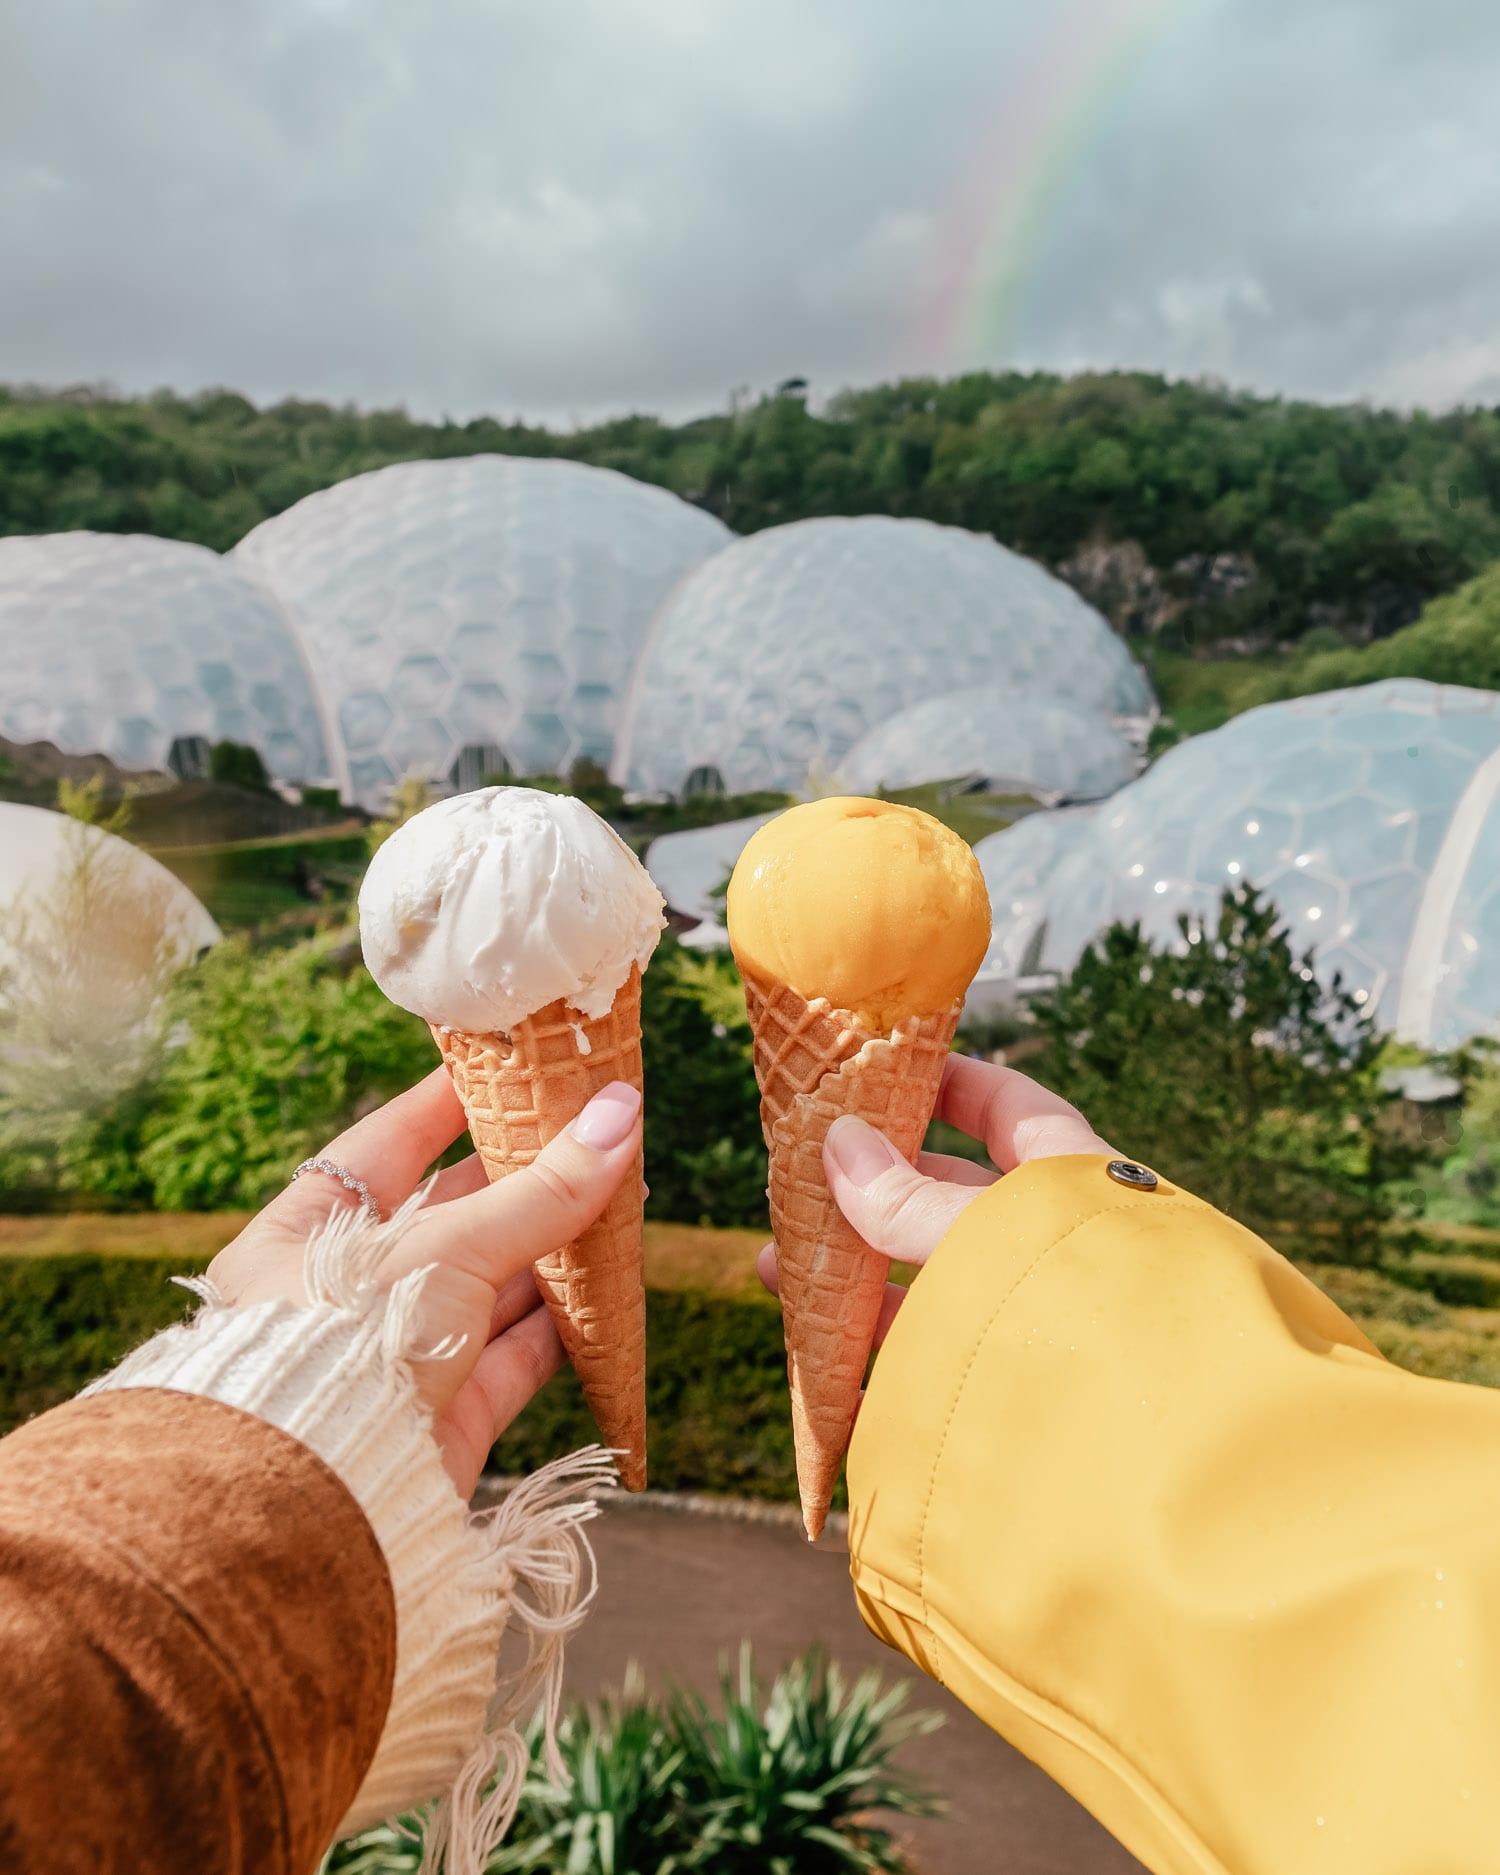 Instagramvänliga glassar i Eden Project i Cornwall, Storbritannien